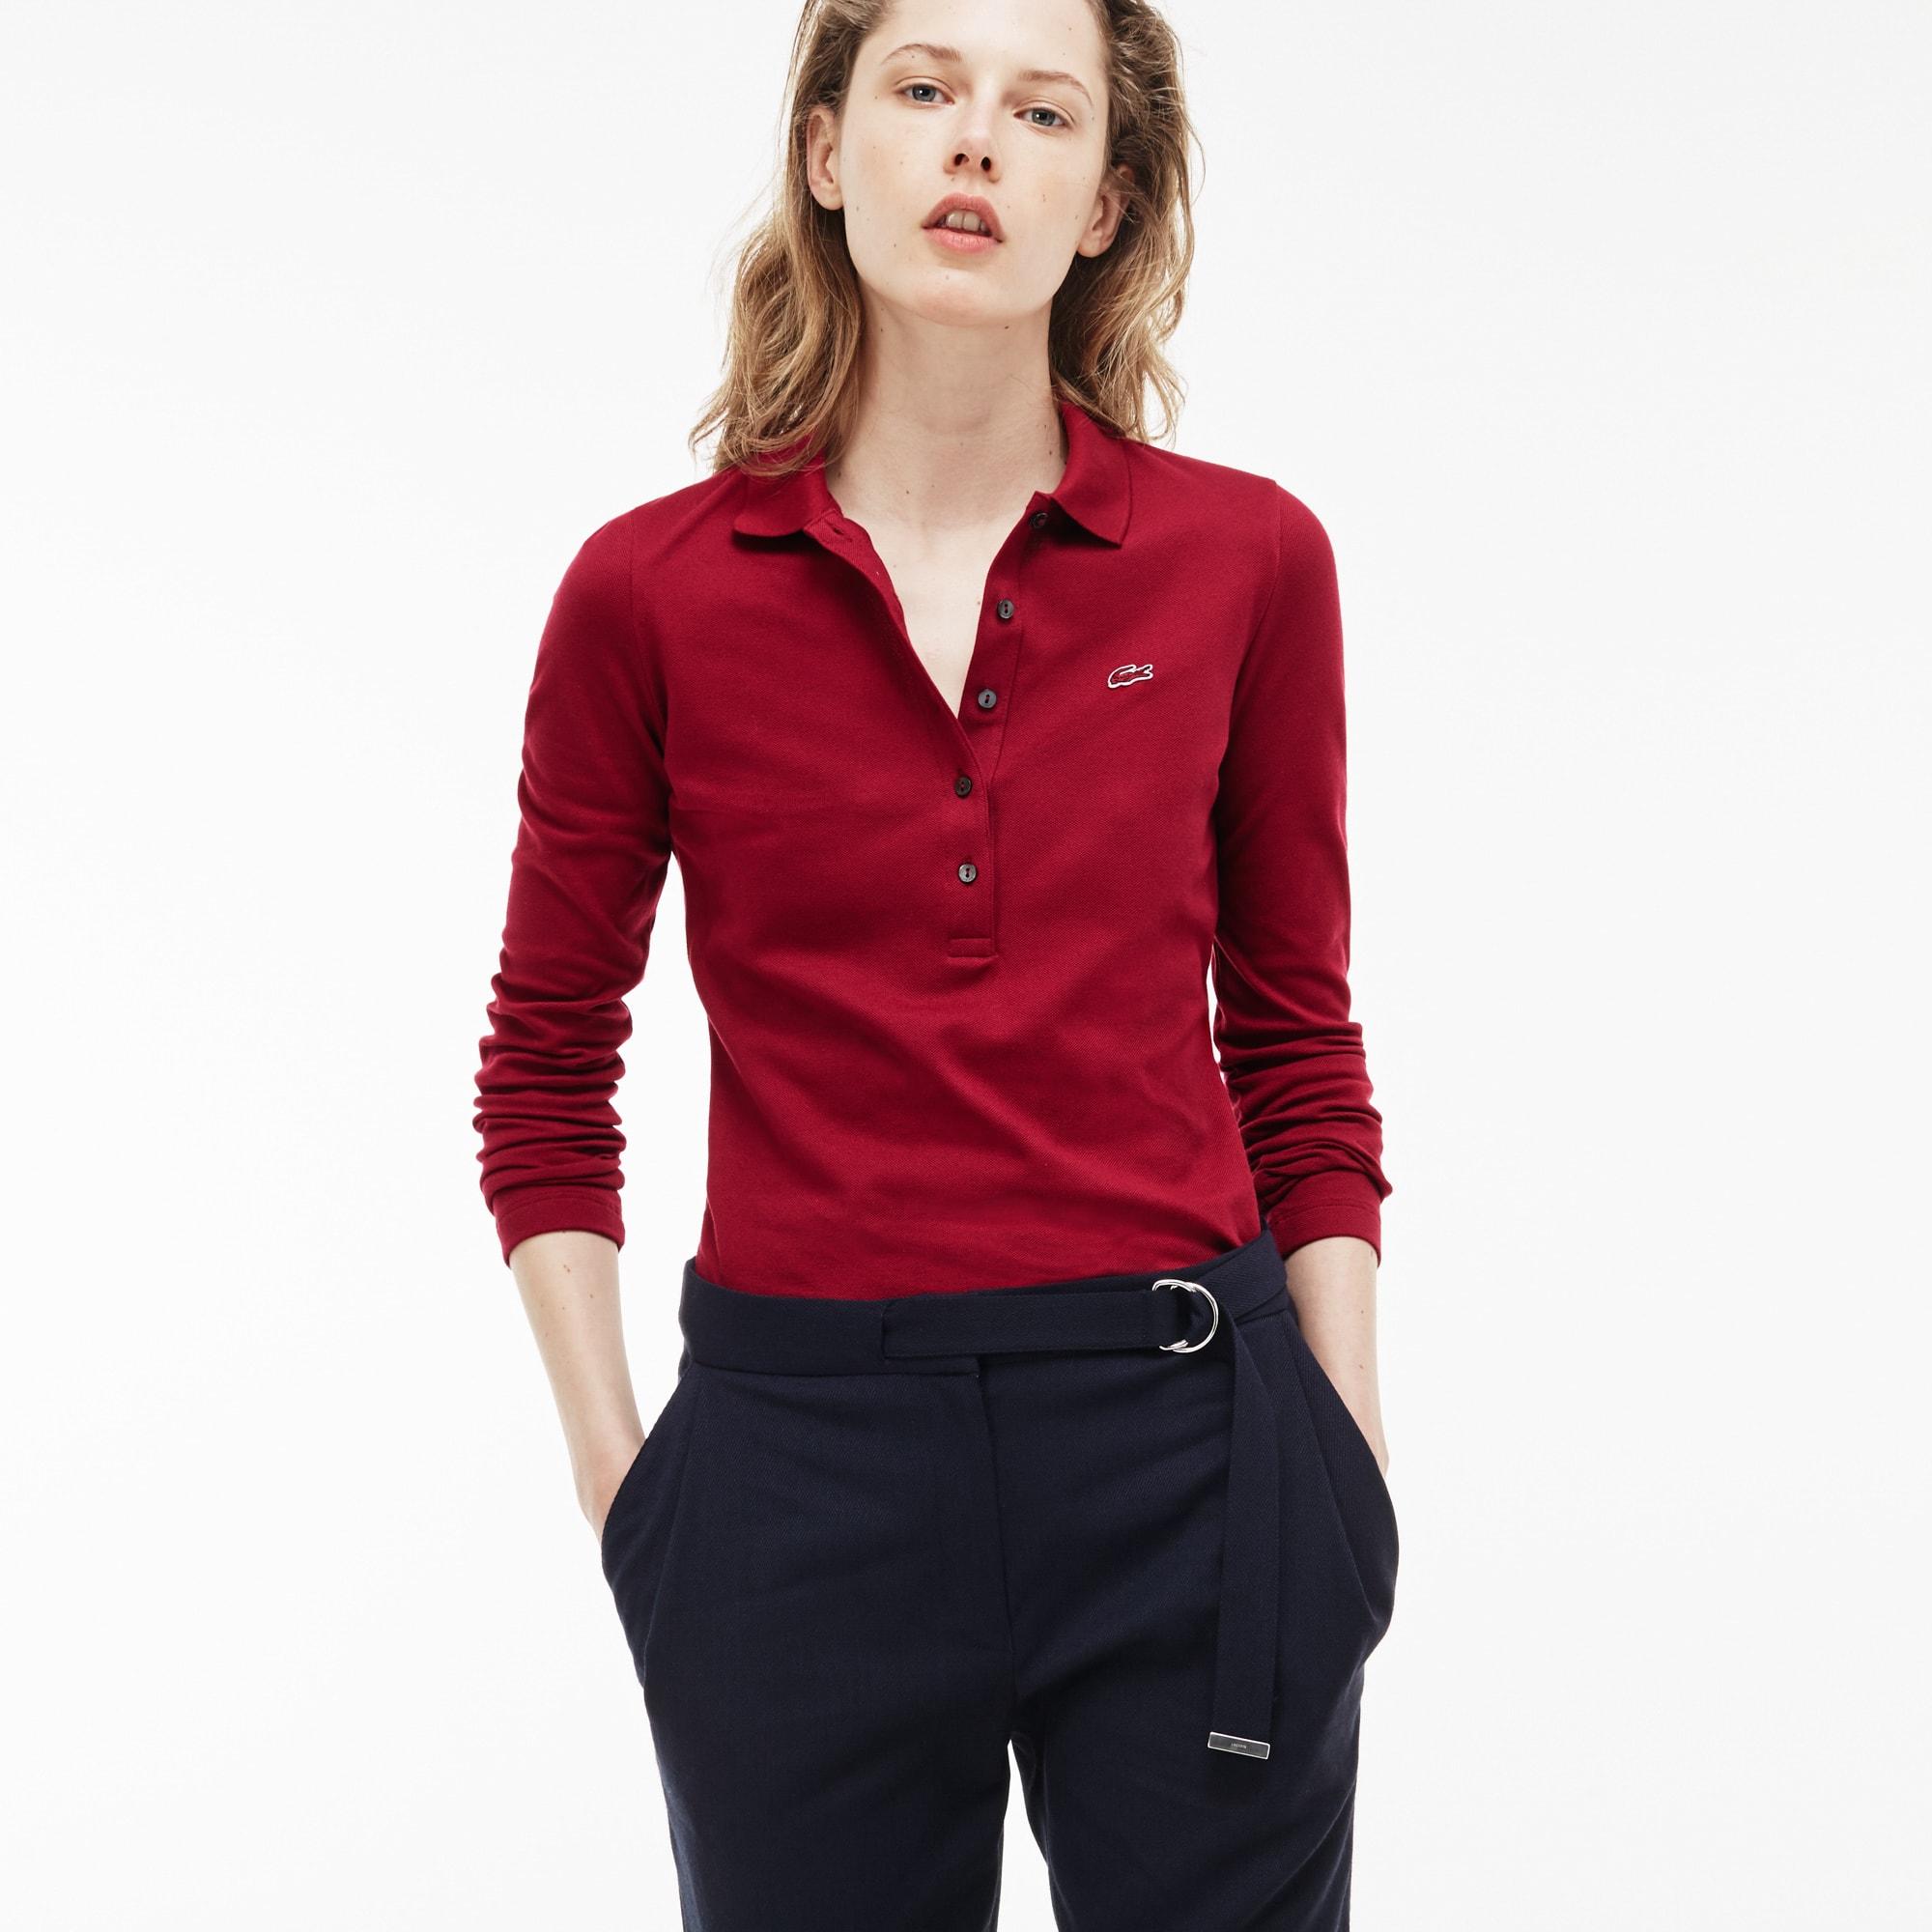 LACOSTE Slim Fit Damen-Poloshirt aus Mini-Piqué mit Stretch